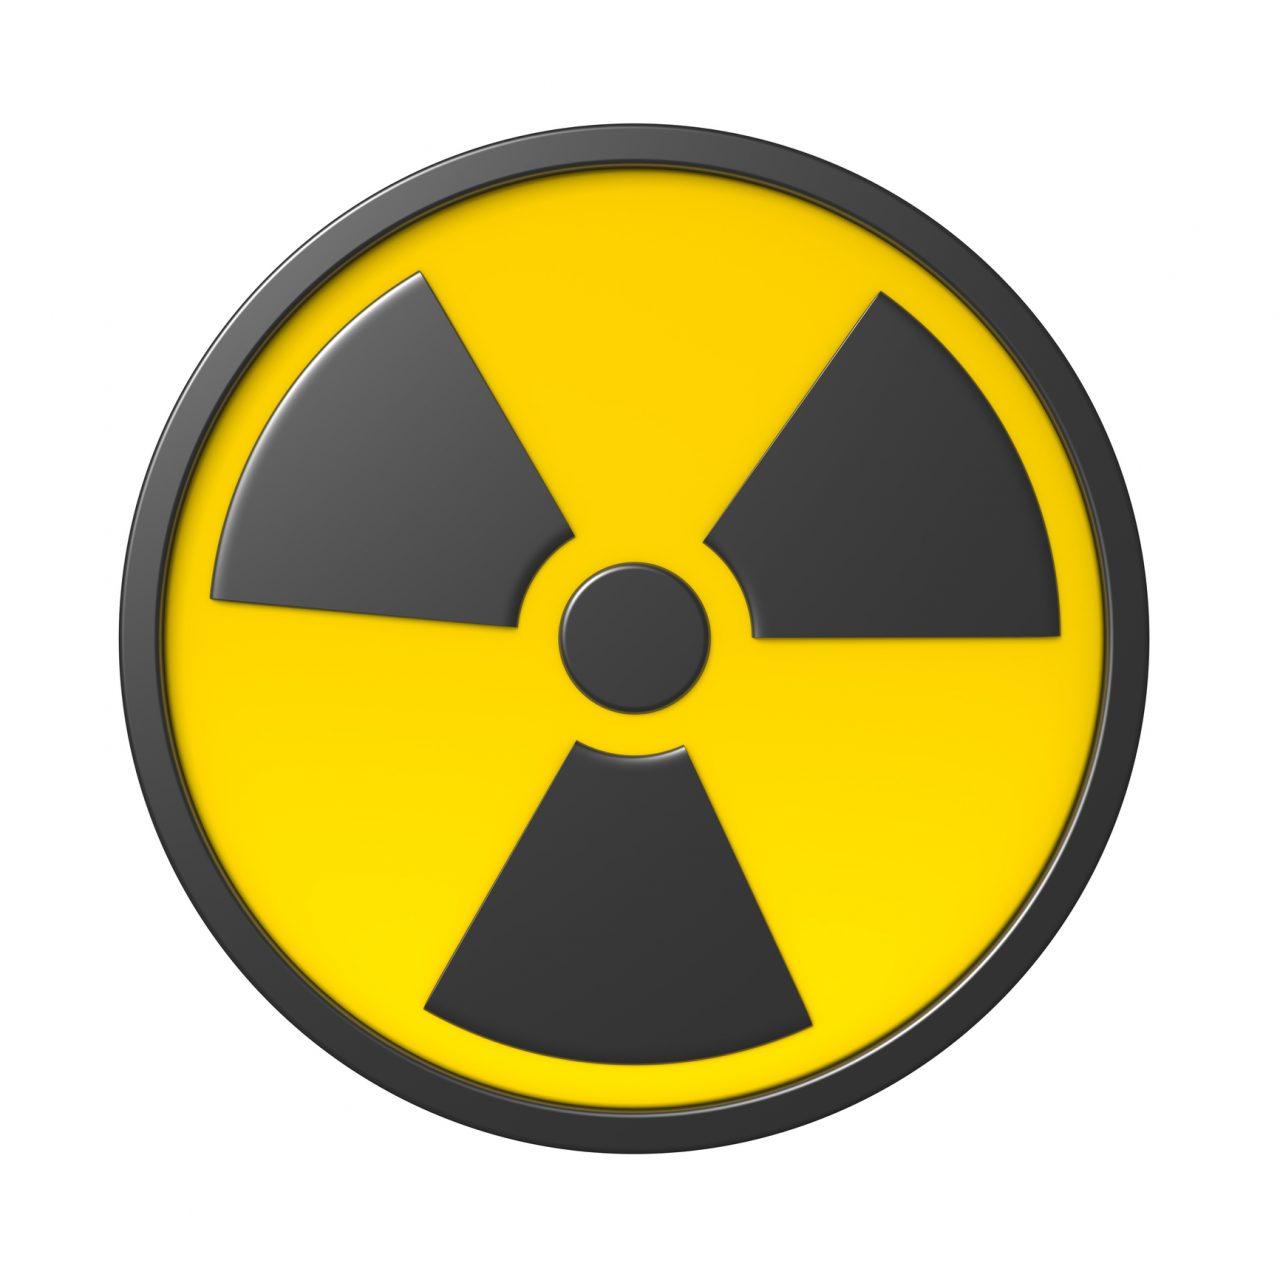 Et skilt som beskriver radioaktiv stråling